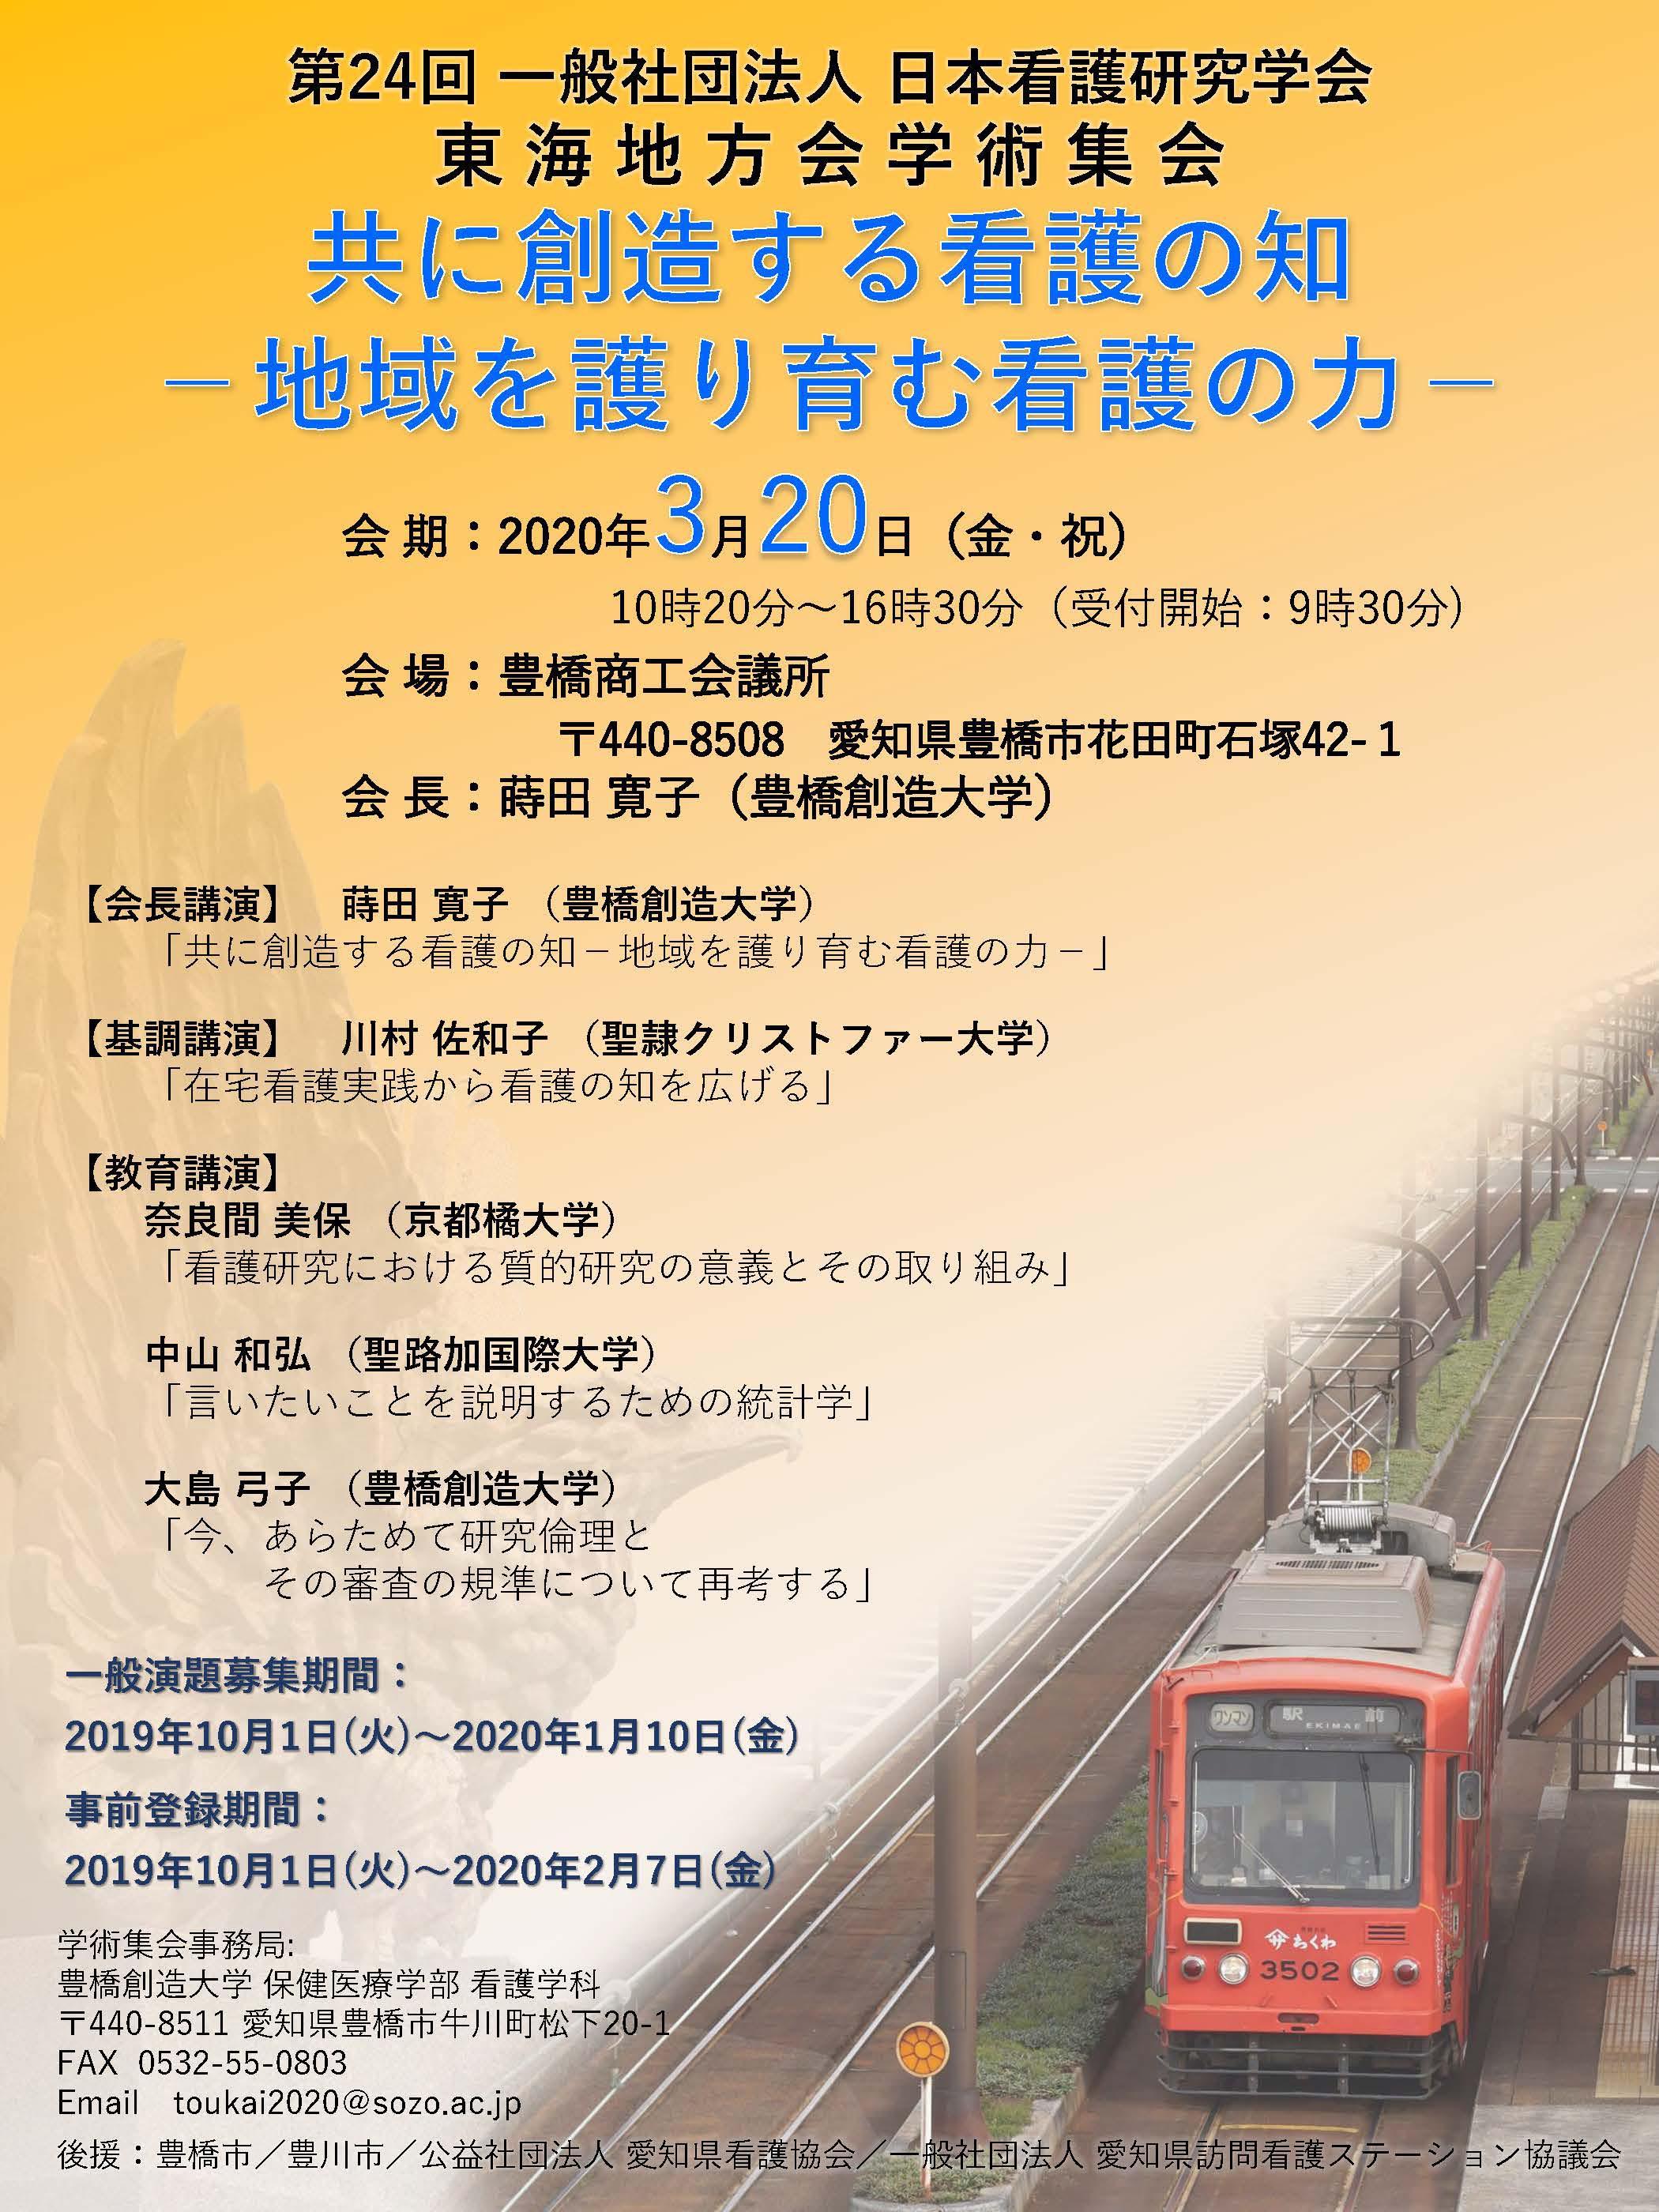 poster24rd_01.jpg